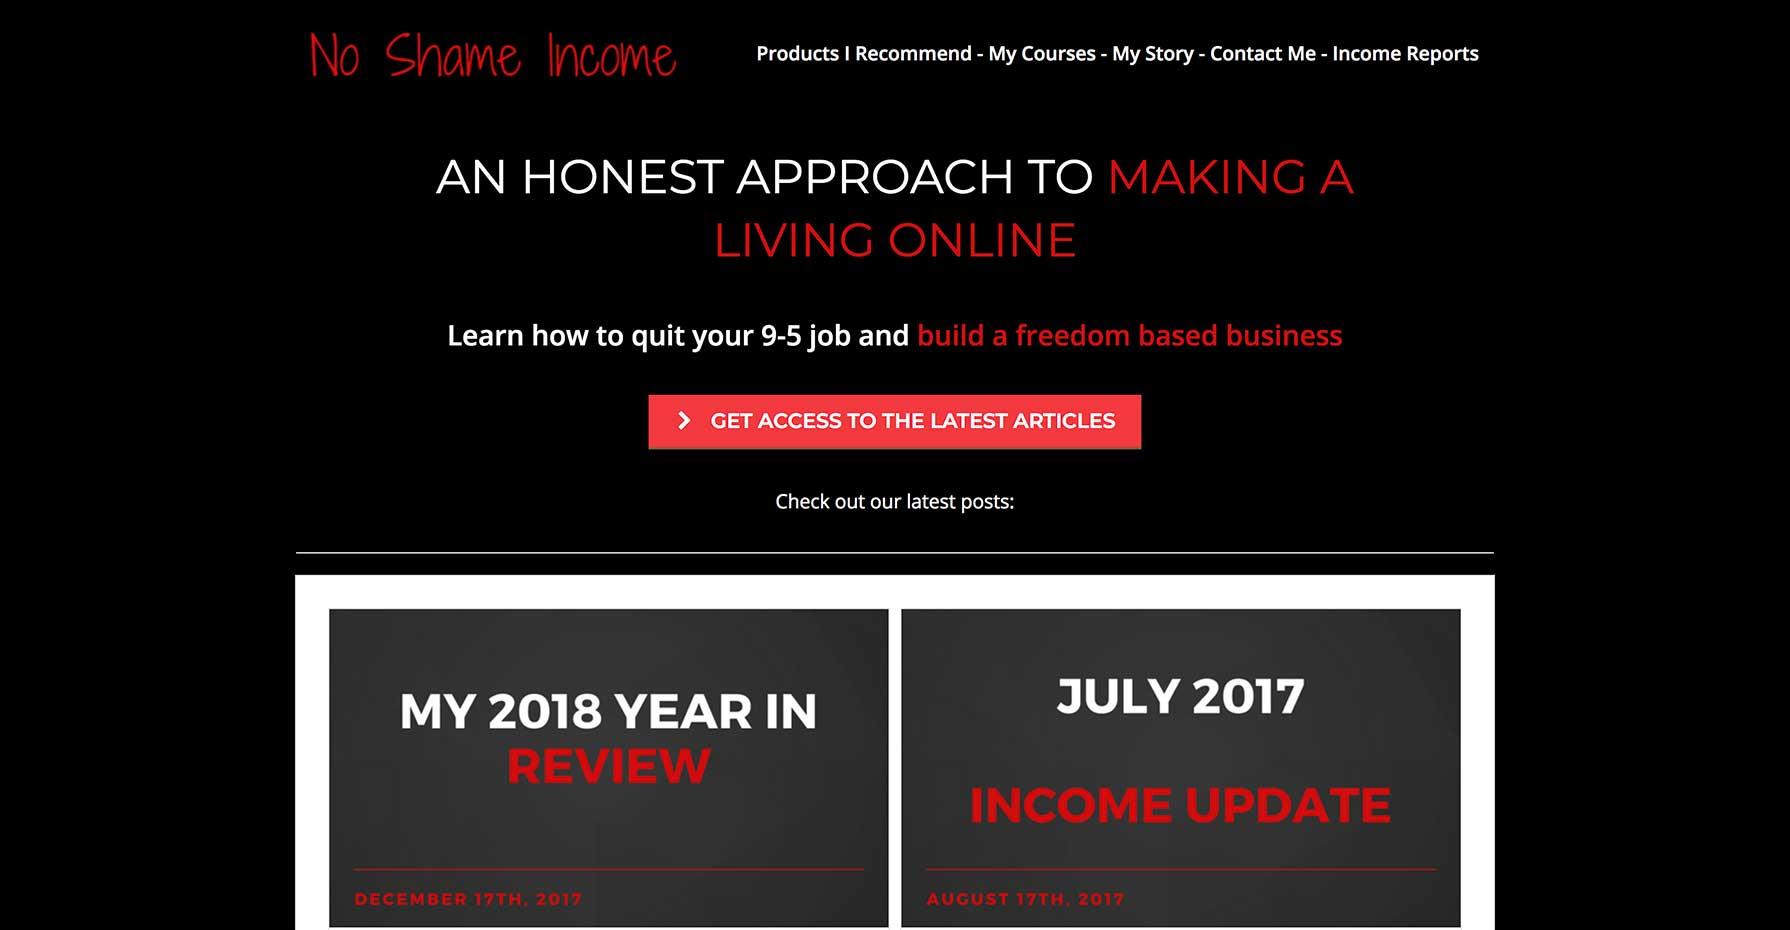 No Shame Income